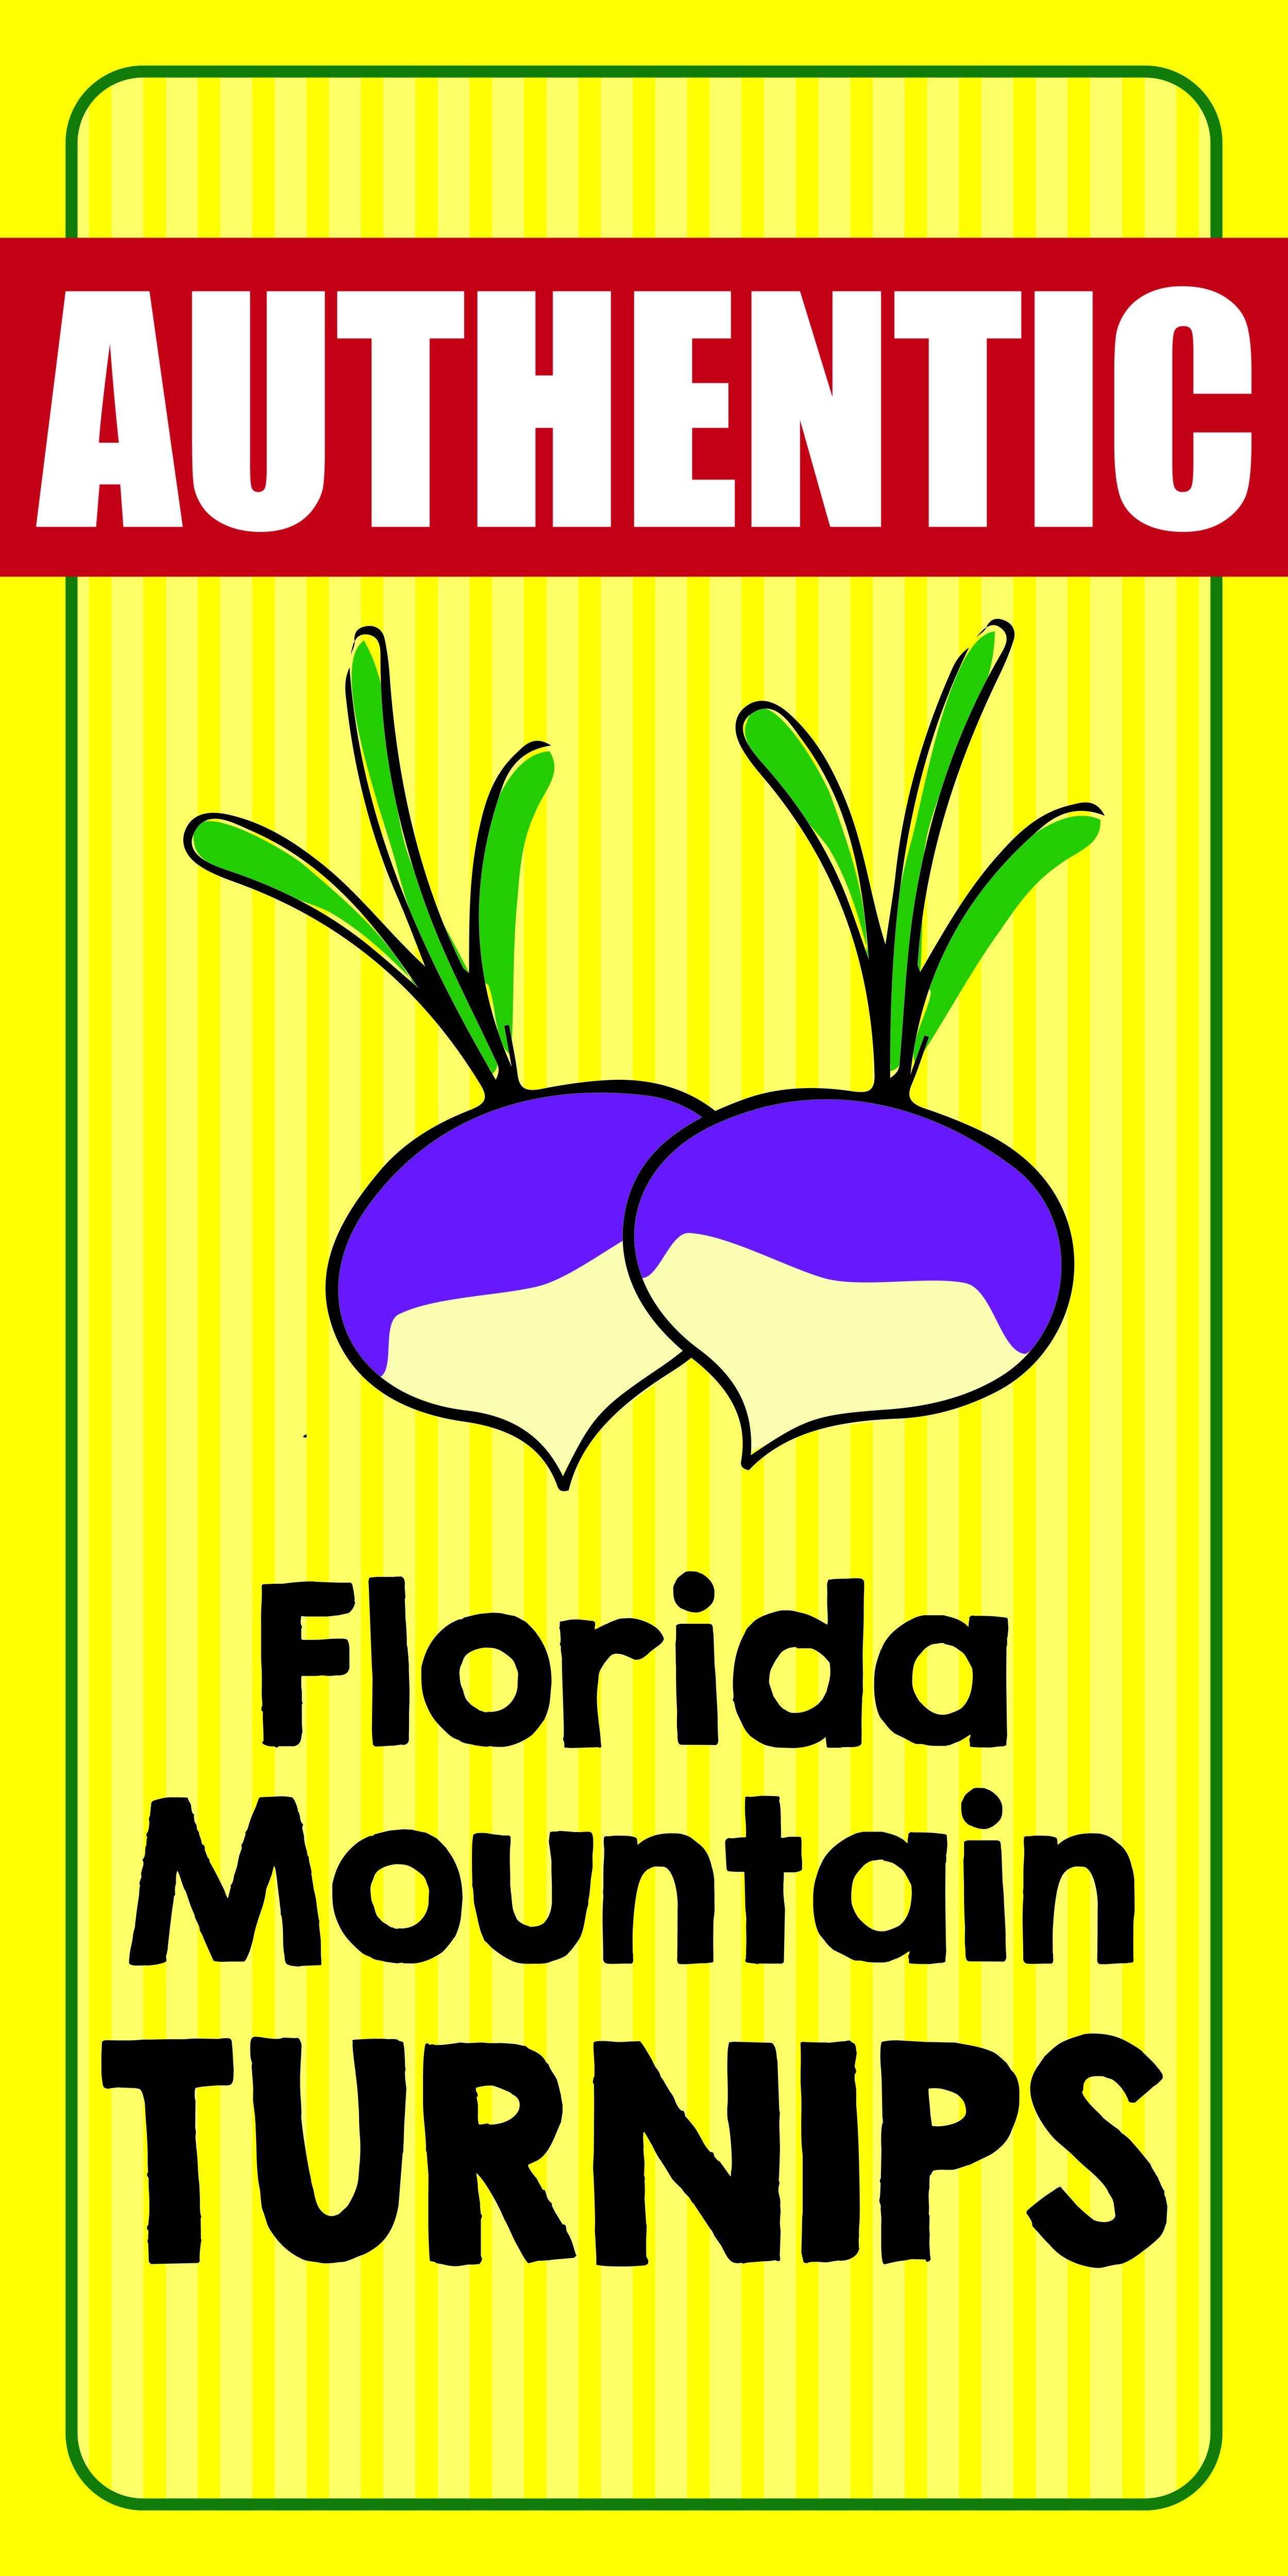 FM Turnip 3x5 Poster.jpg